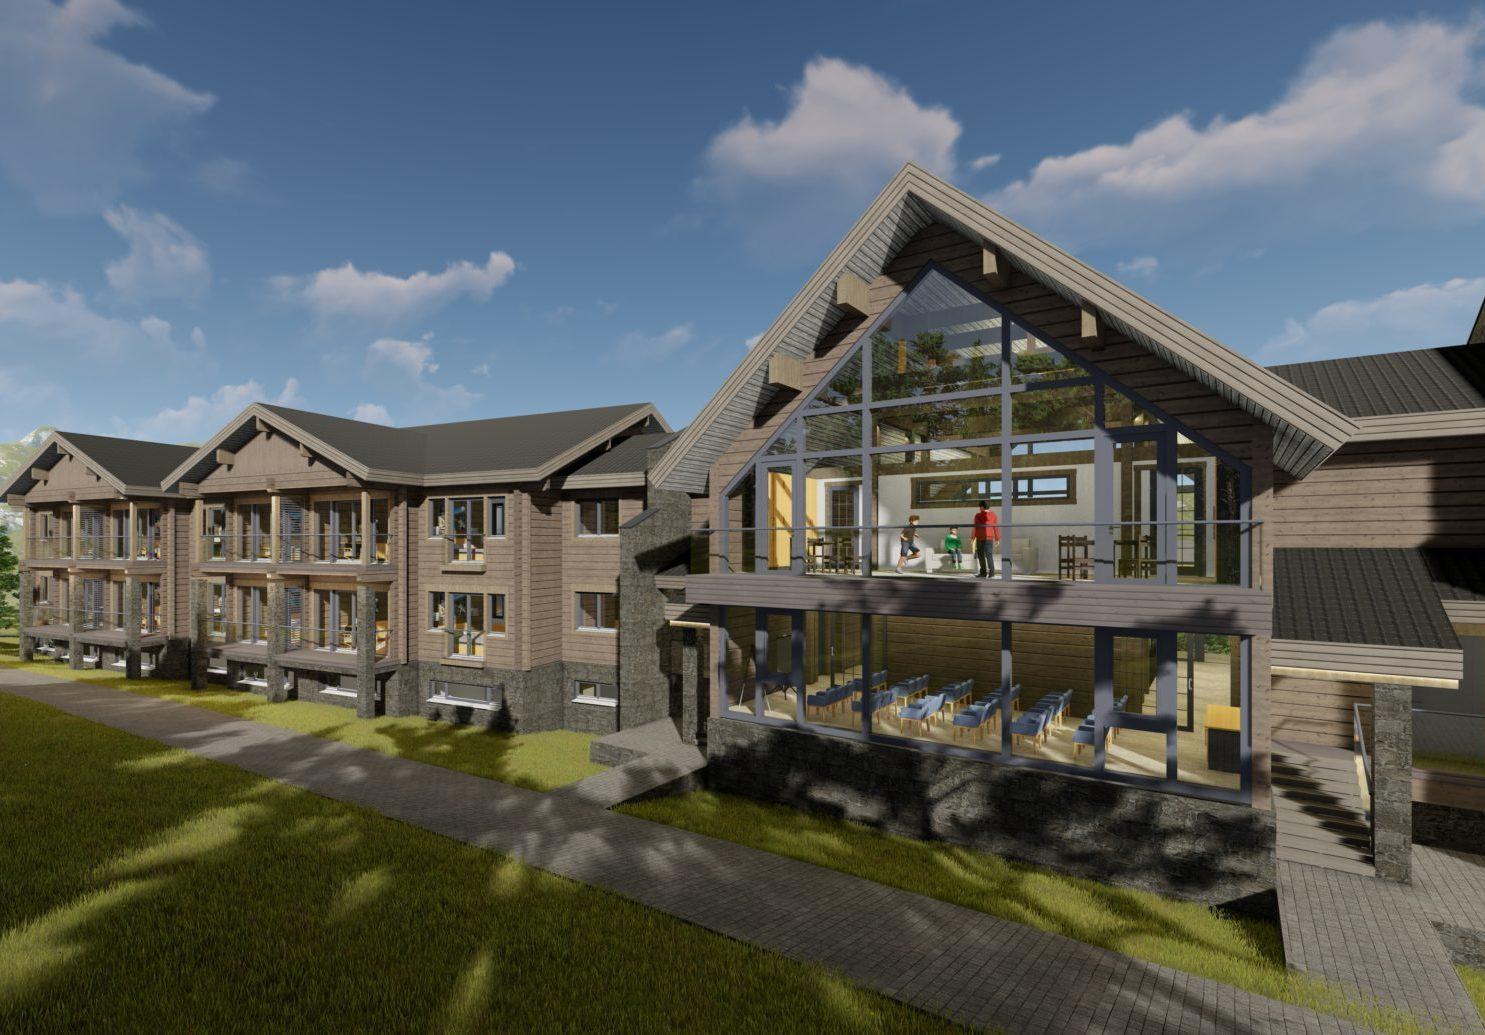 Завершаются работы по проектированию оздоровительного центра «Гранд-Крио Алтай» в Белокурихе